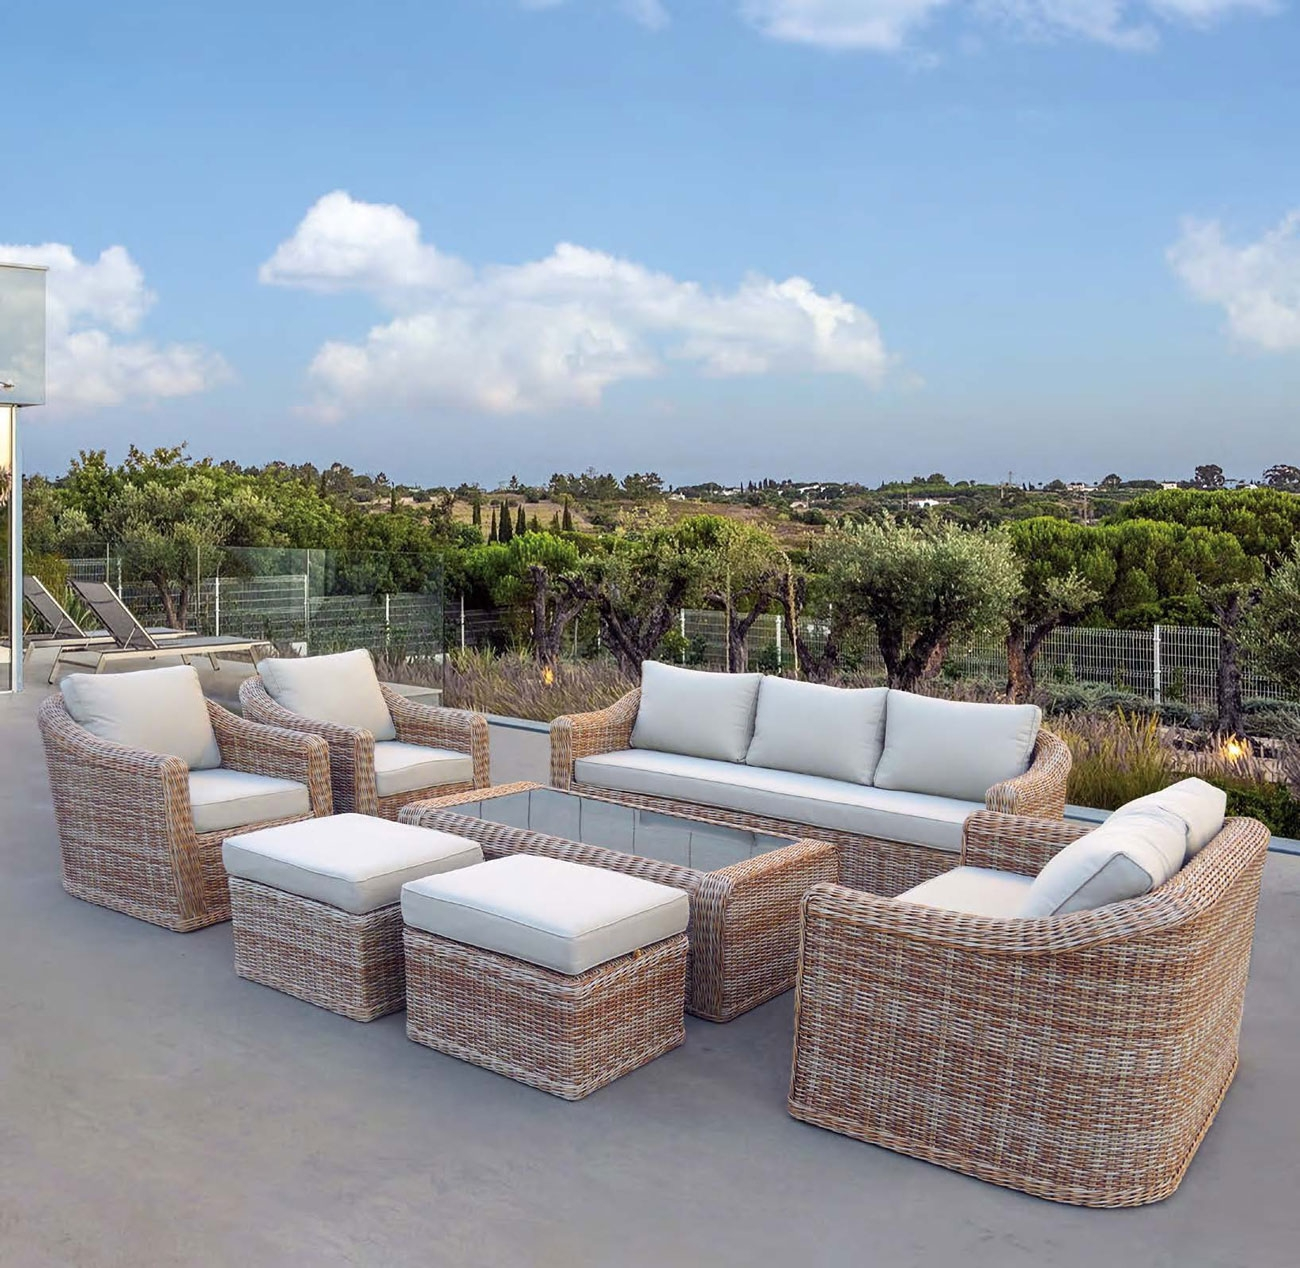 Set de sofá para exterior en rattan TOSCANA - Set de jardín dinámico y familiar por su gran cantidad de plazas.